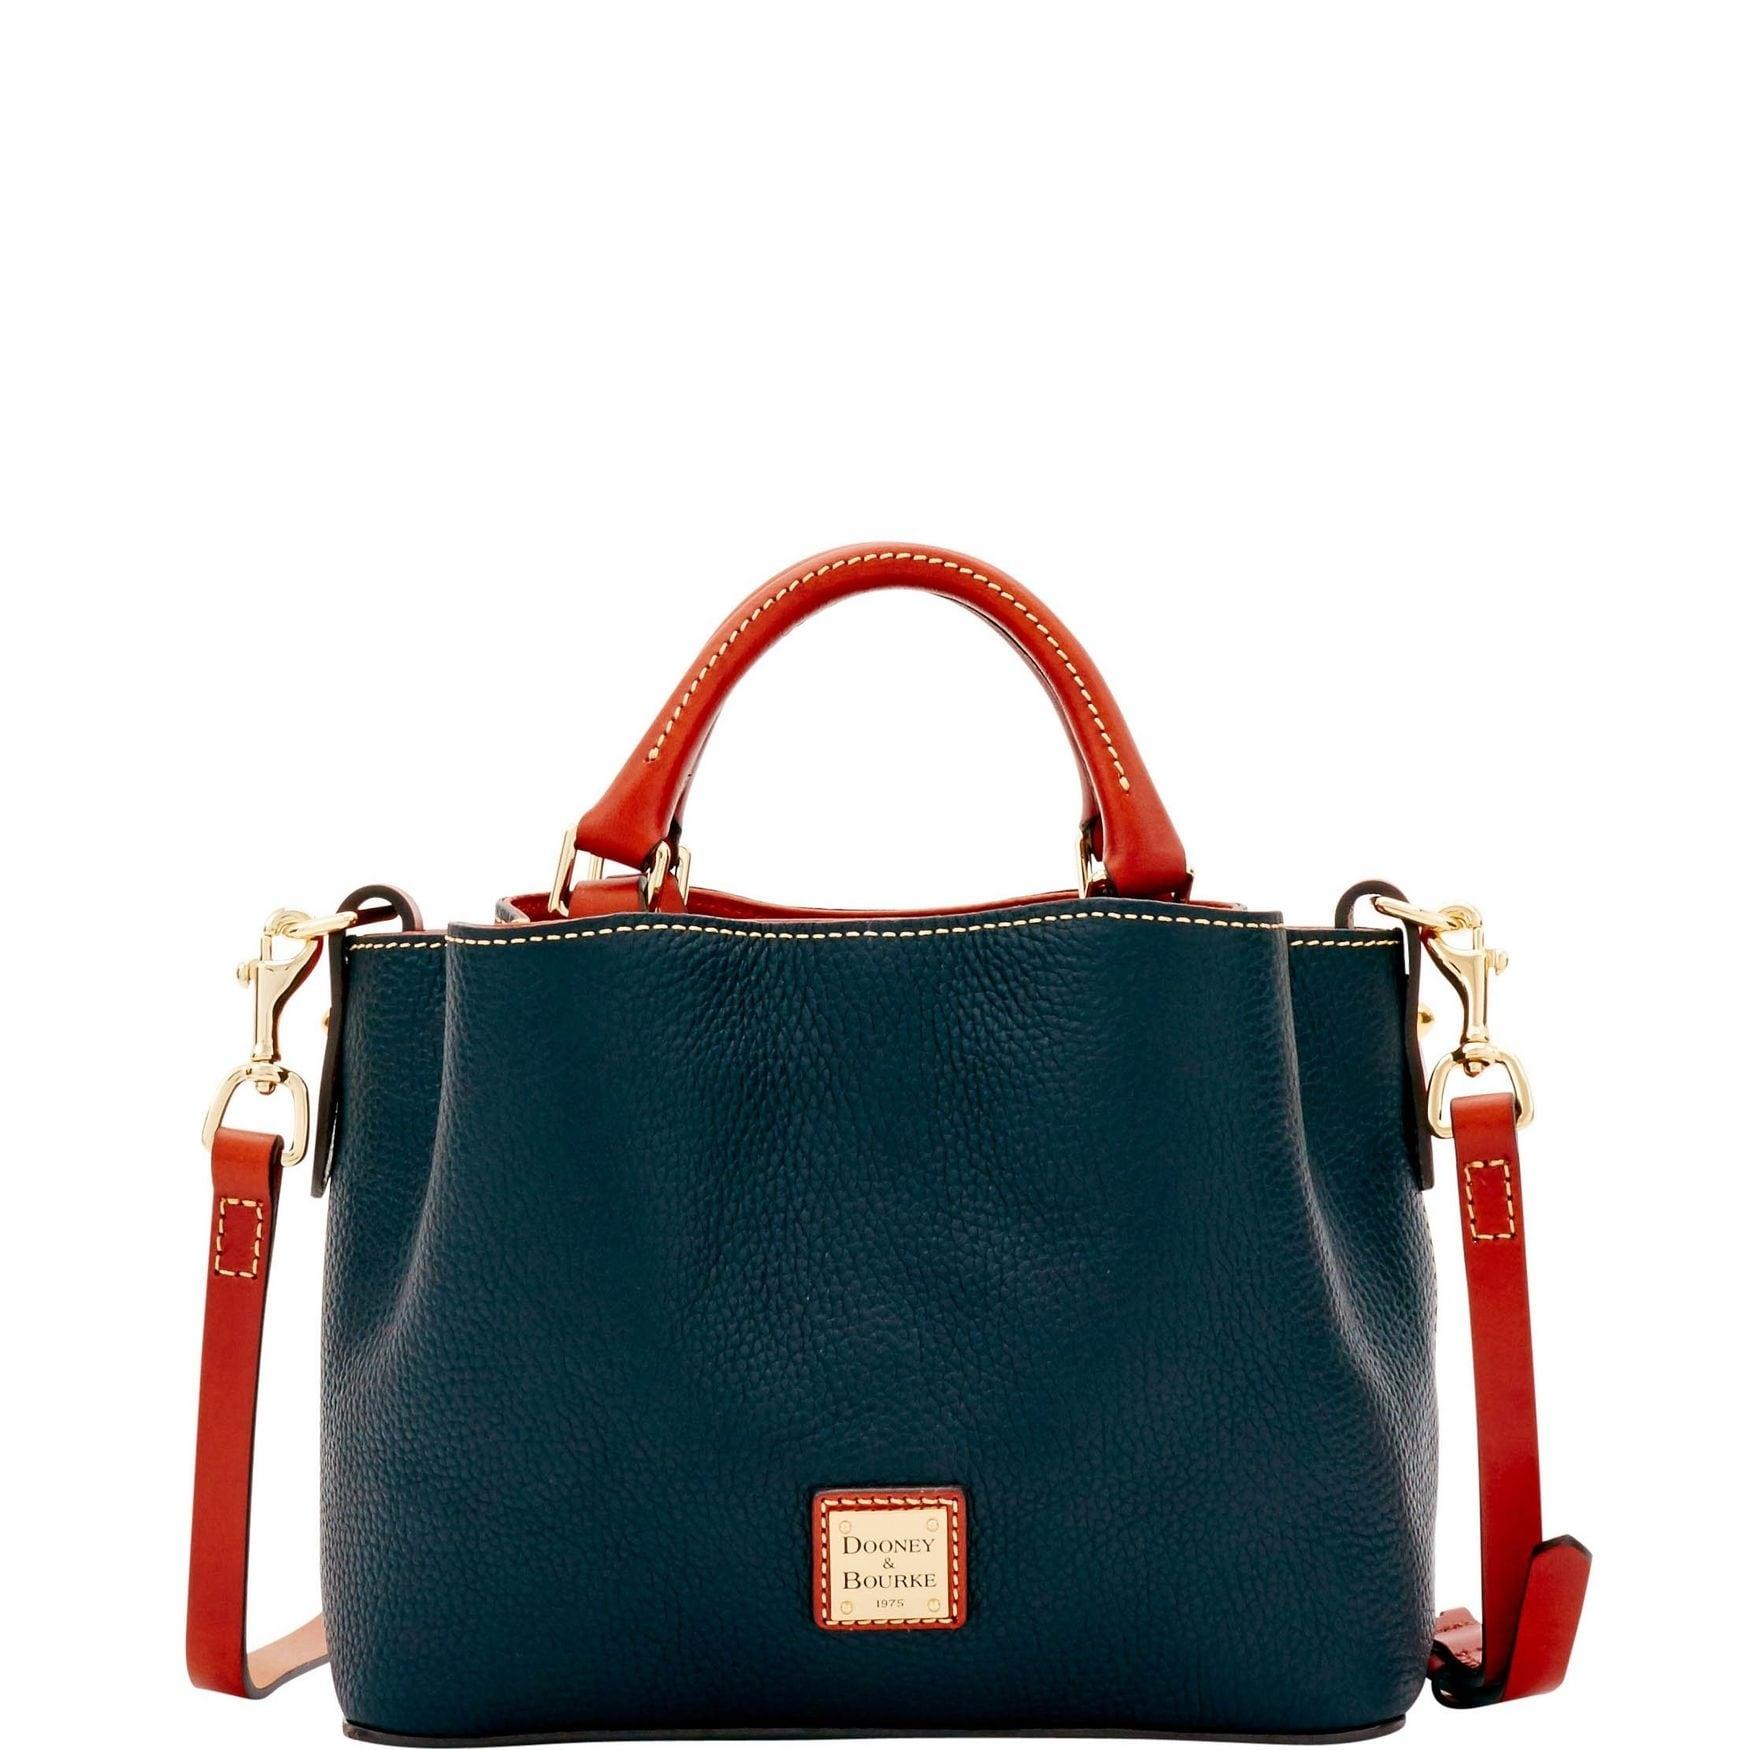 9a40673274d8f Top 10 Designer Handbags Brands